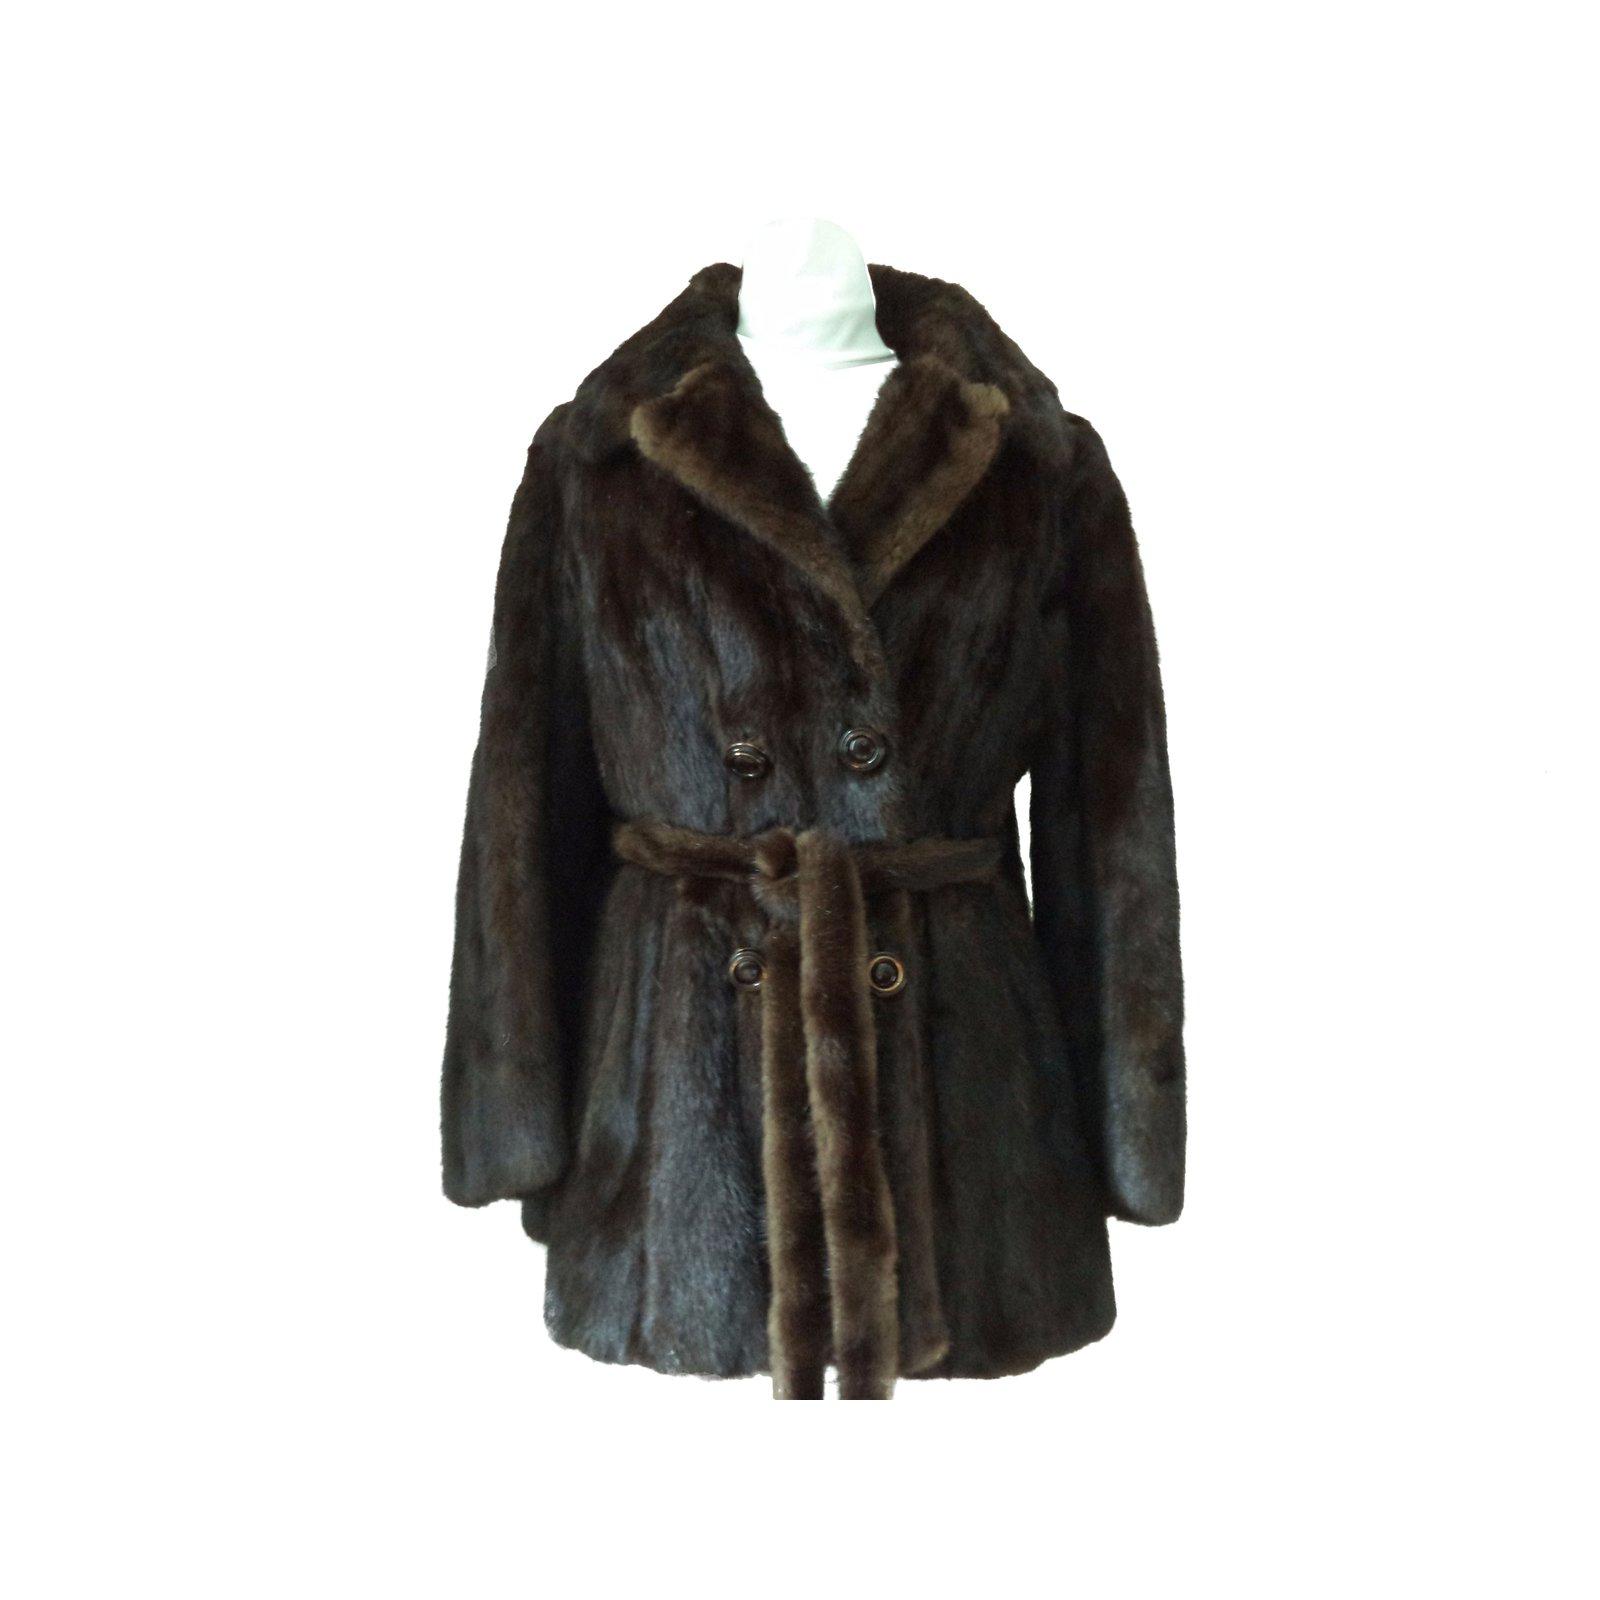 manteaux vintage manteaux fourrure marron joli closet. Black Bedroom Furniture Sets. Home Design Ideas